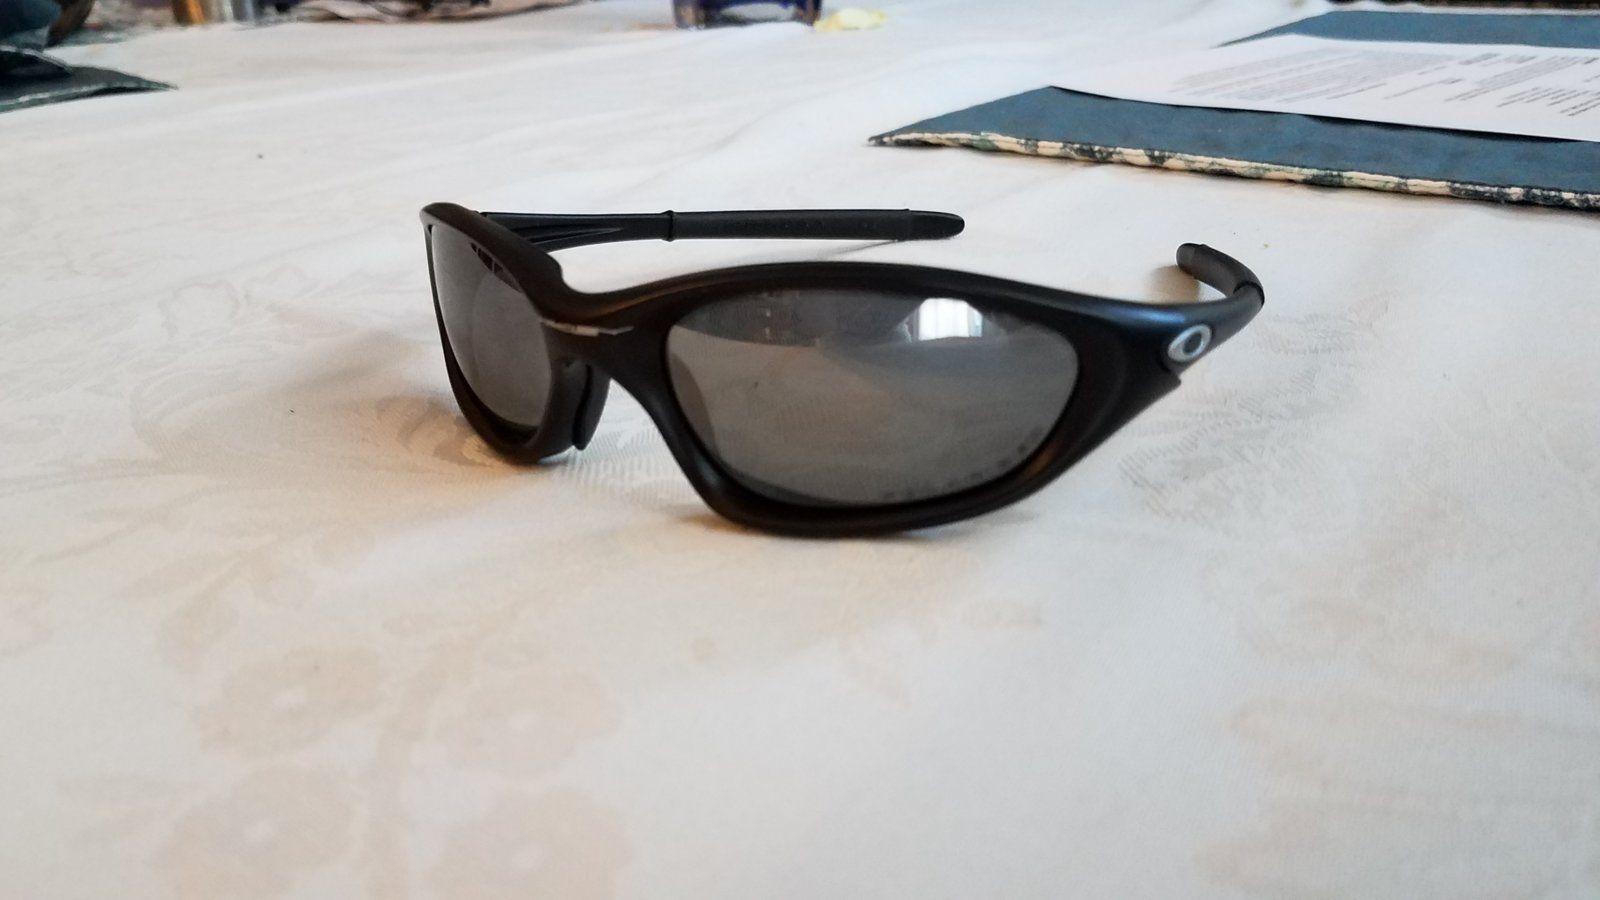 Help Identifying Oakleys - 20180905_181302.jpg